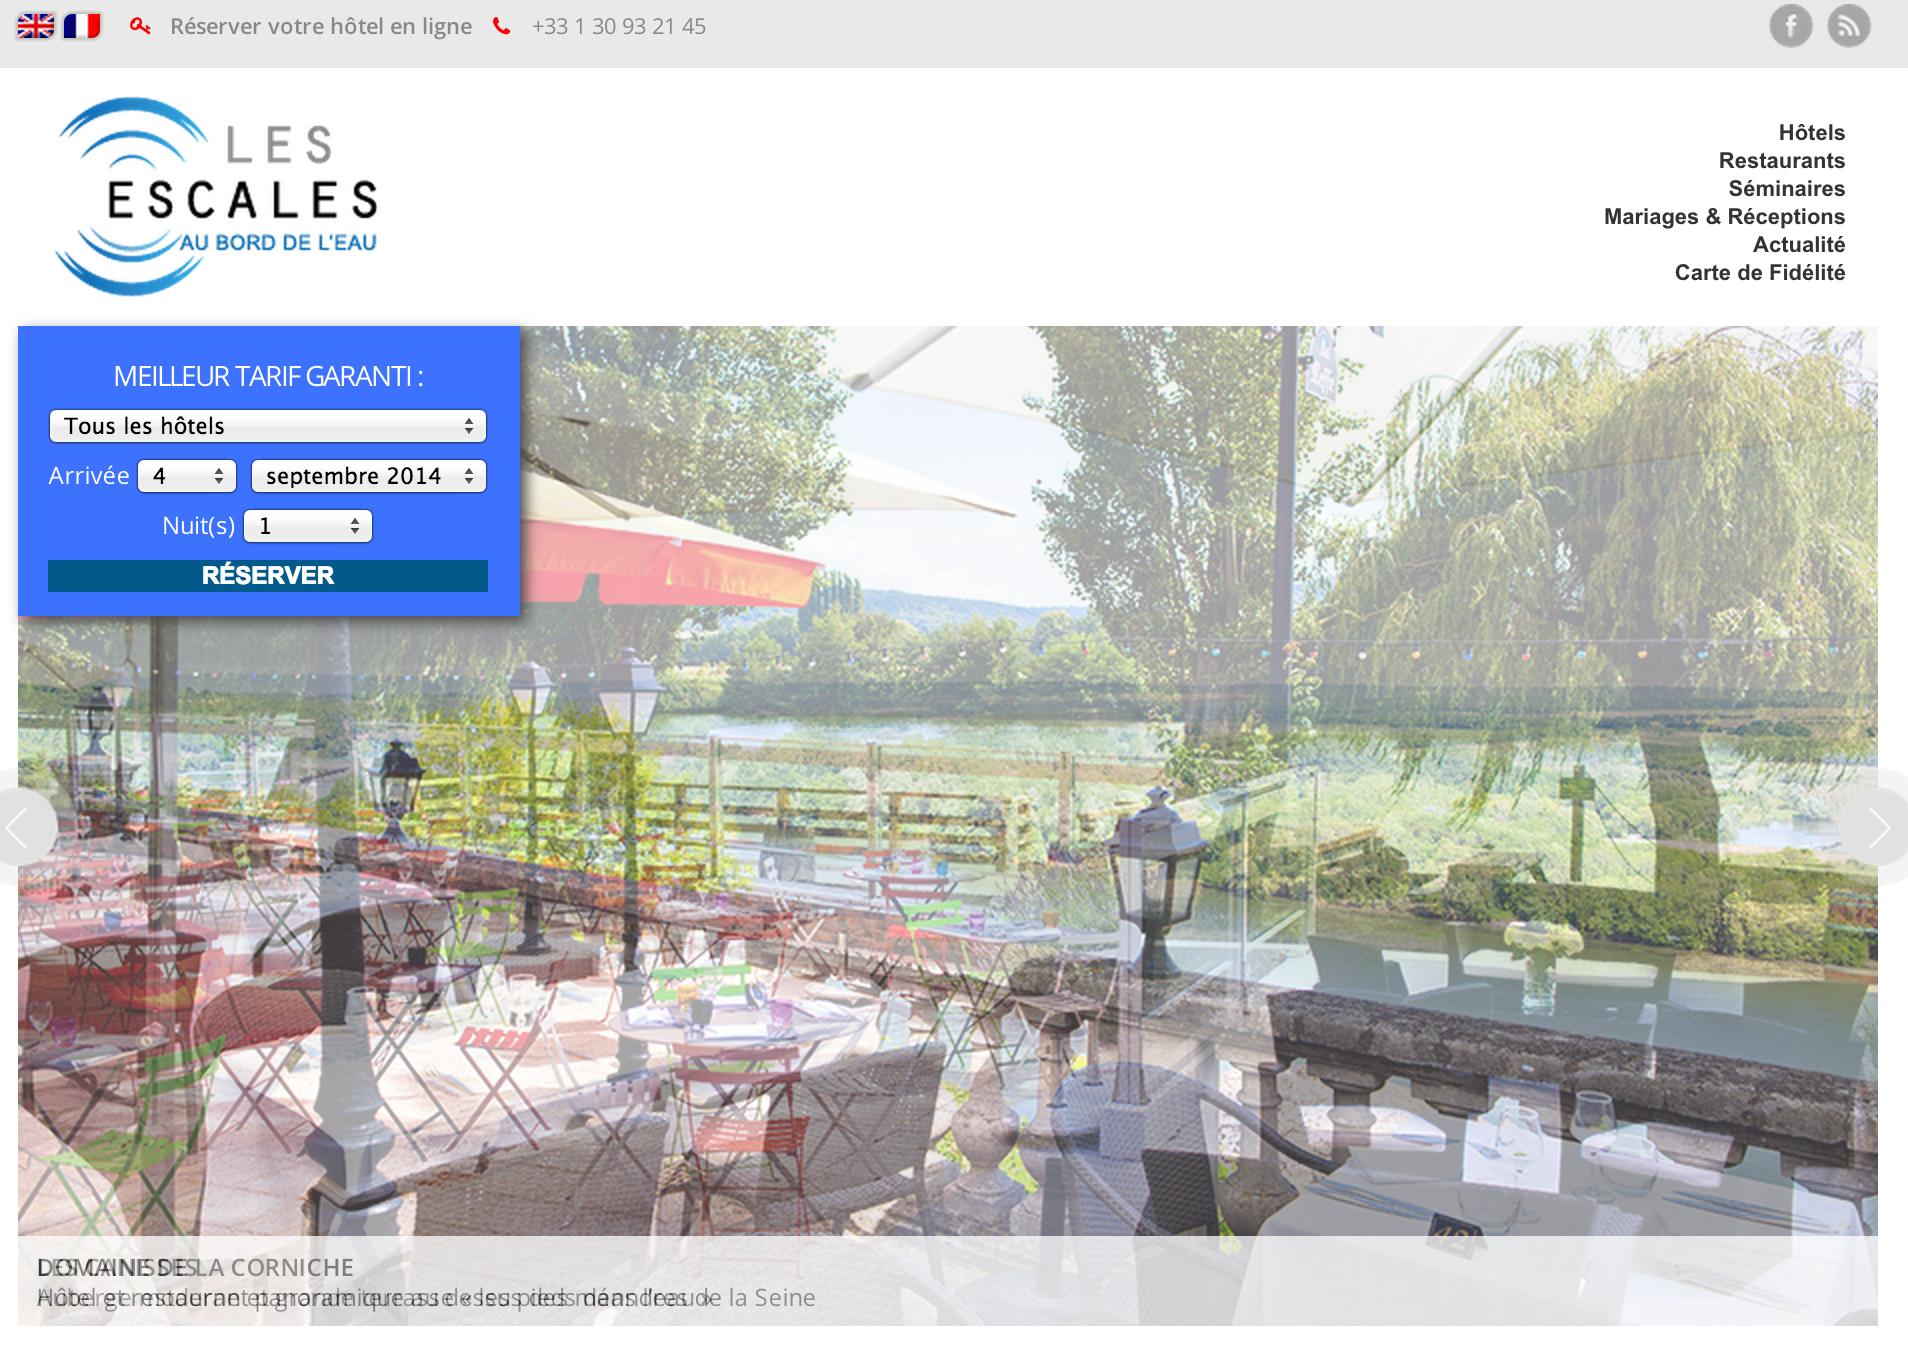 nouveau site internet pour les h tels au bord de l eau